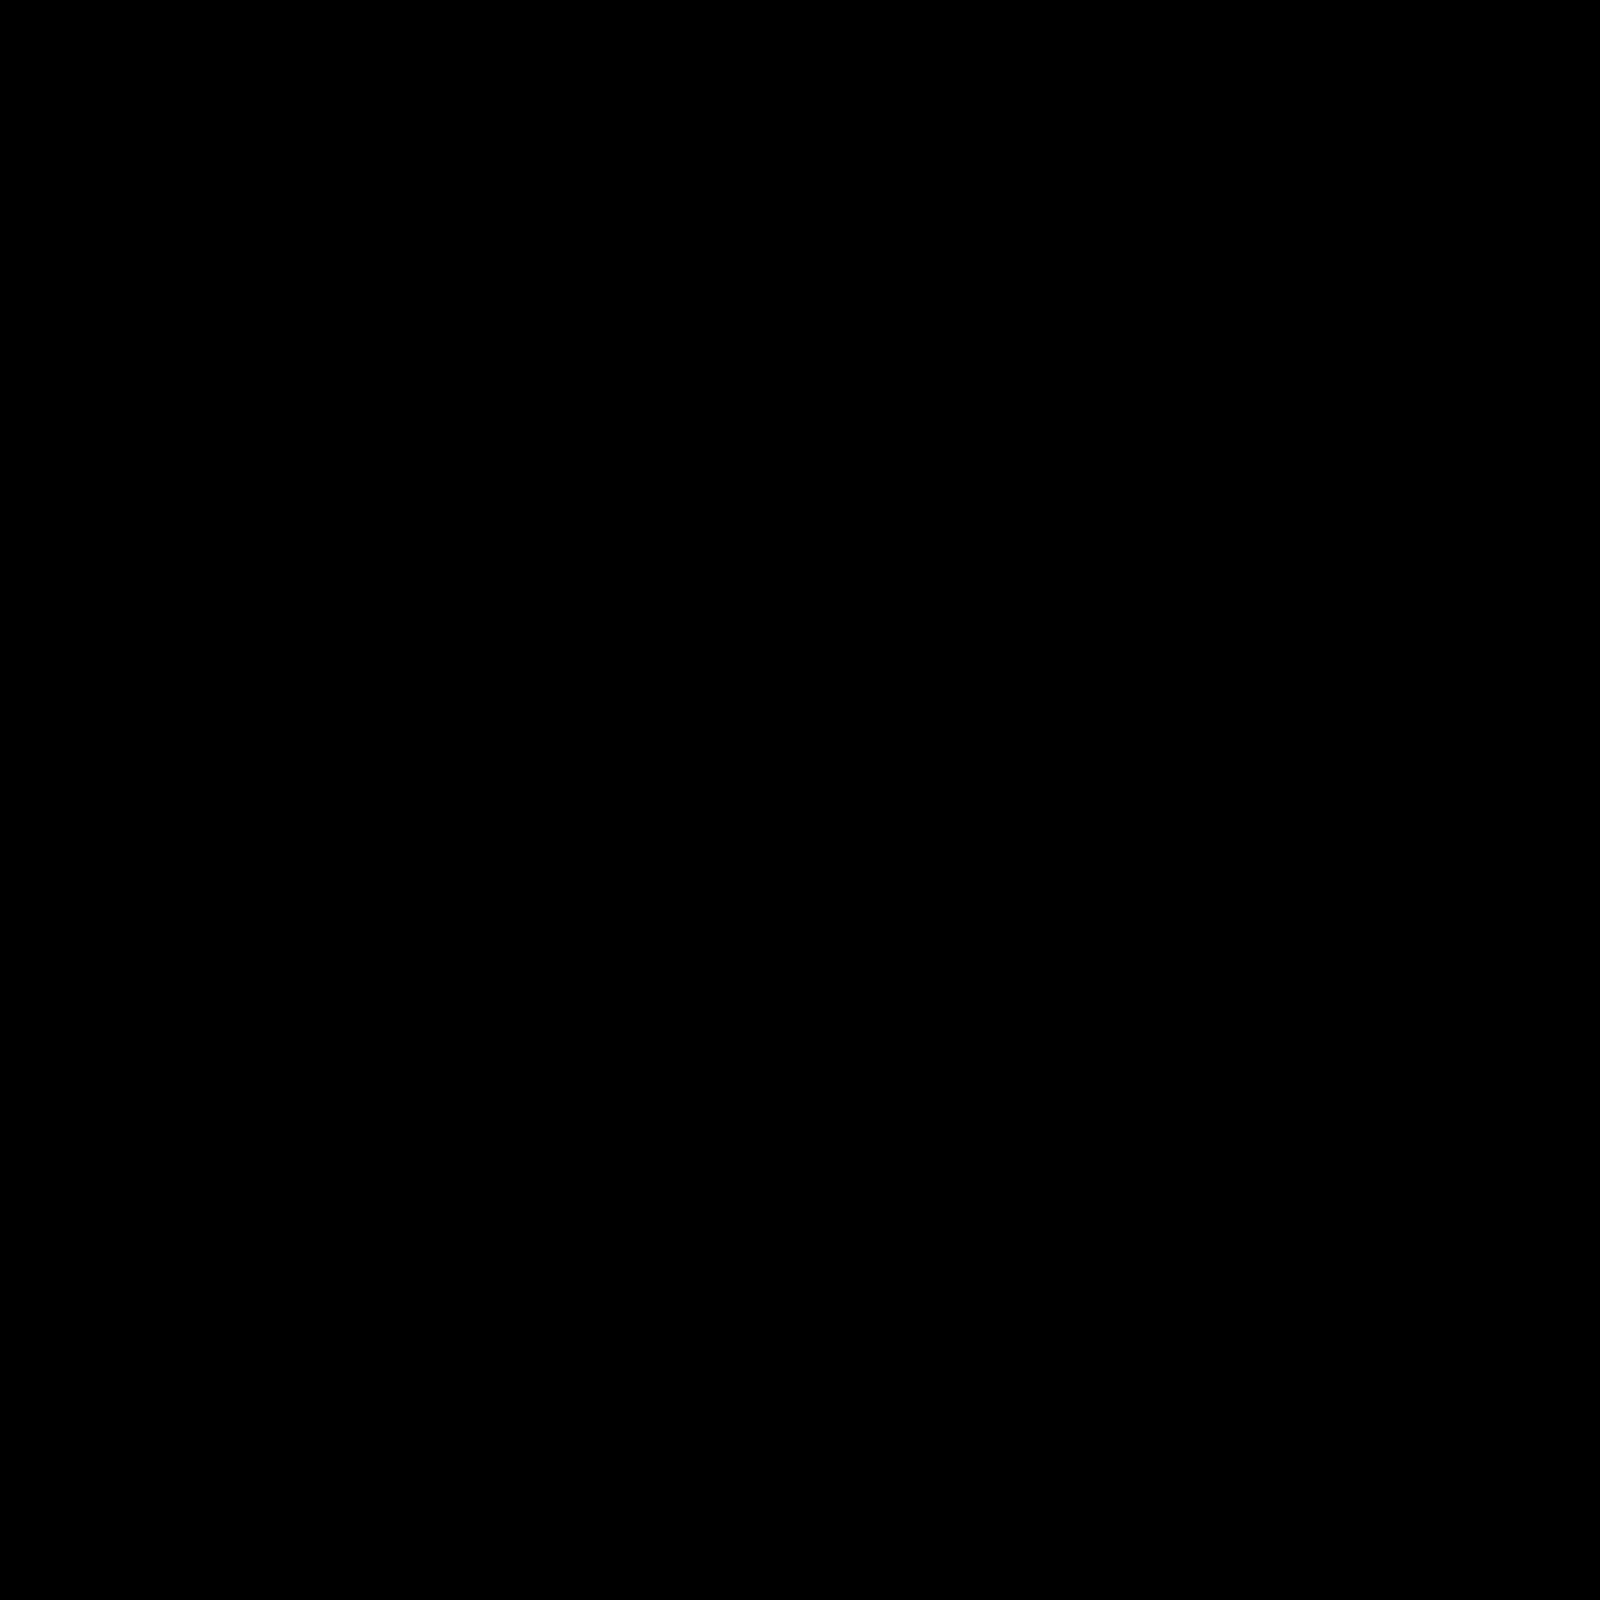 Clock PNG-PlusPNG.com-1600 - Clock PNG